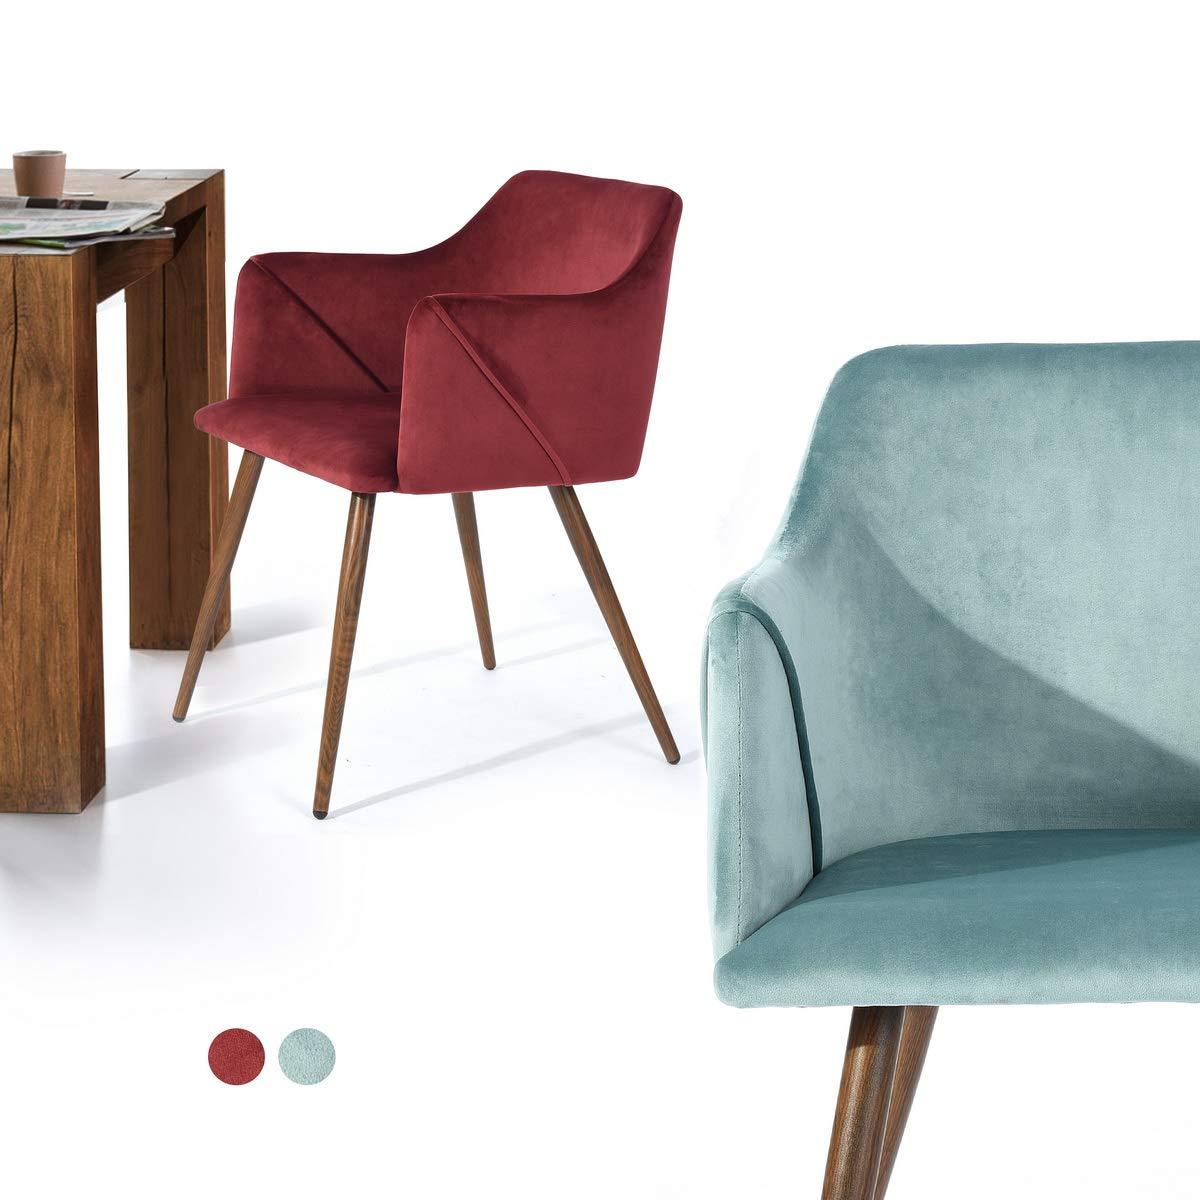 Colore: Rosso Furnish Set di 2 sedie da Salotto in Velluto Multicolore per Soggiorno con Piedi in Metallo in Legno